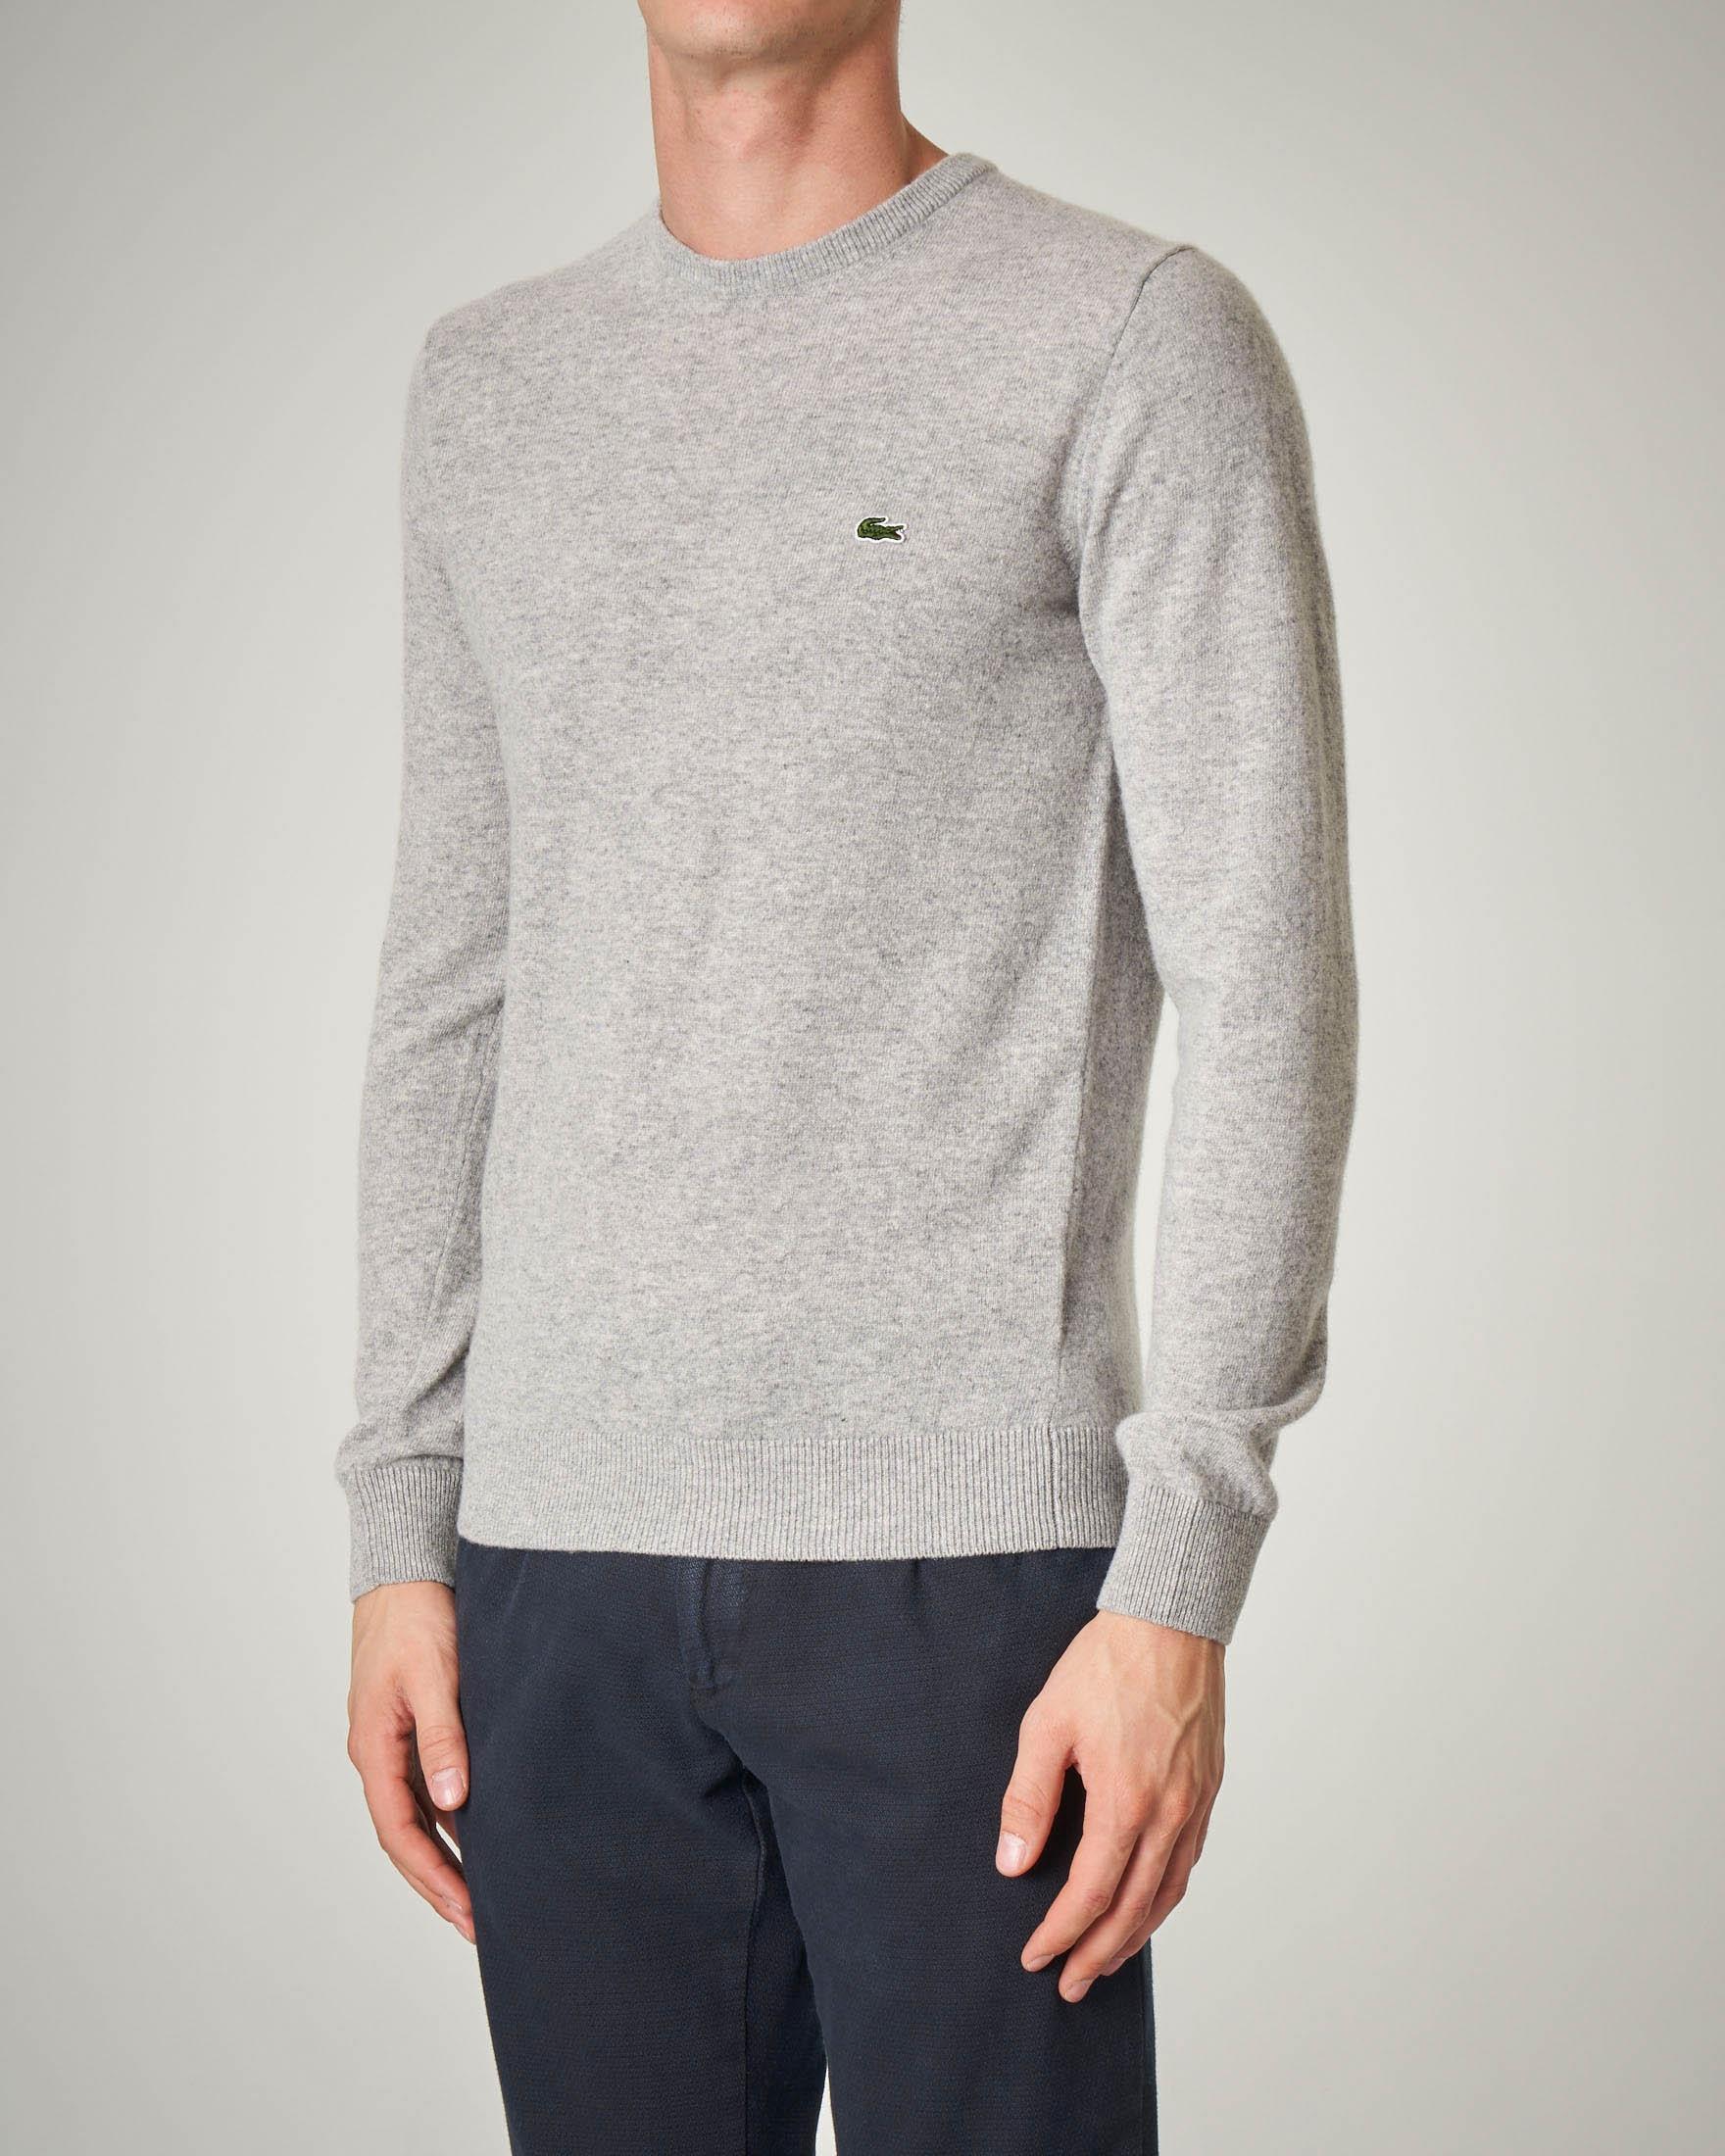 Maglia grigio chiaro girocollo in lana